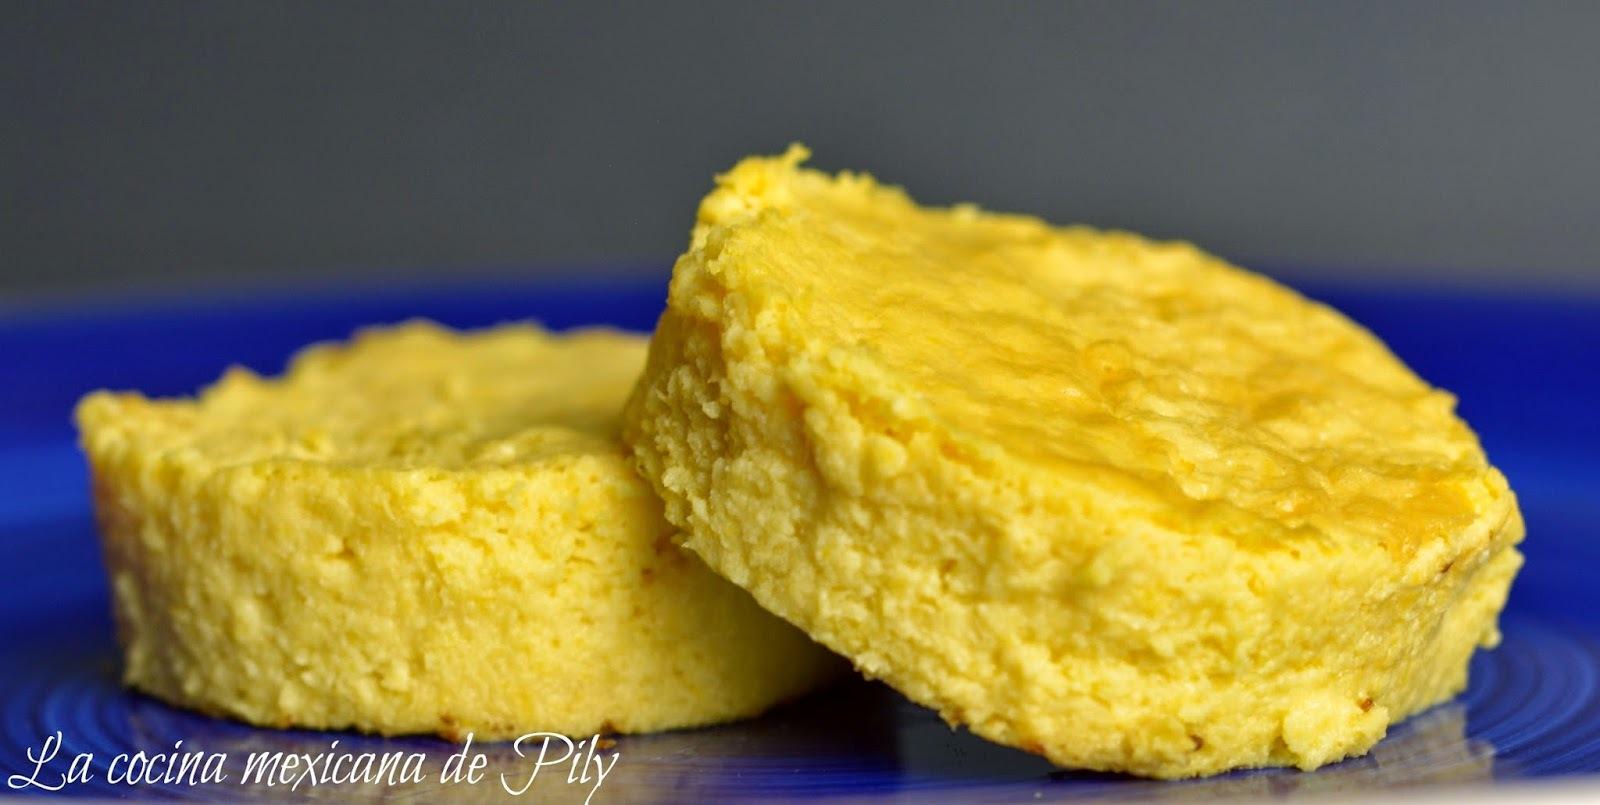 Torta de elote amarillo ¡Deliciosa!